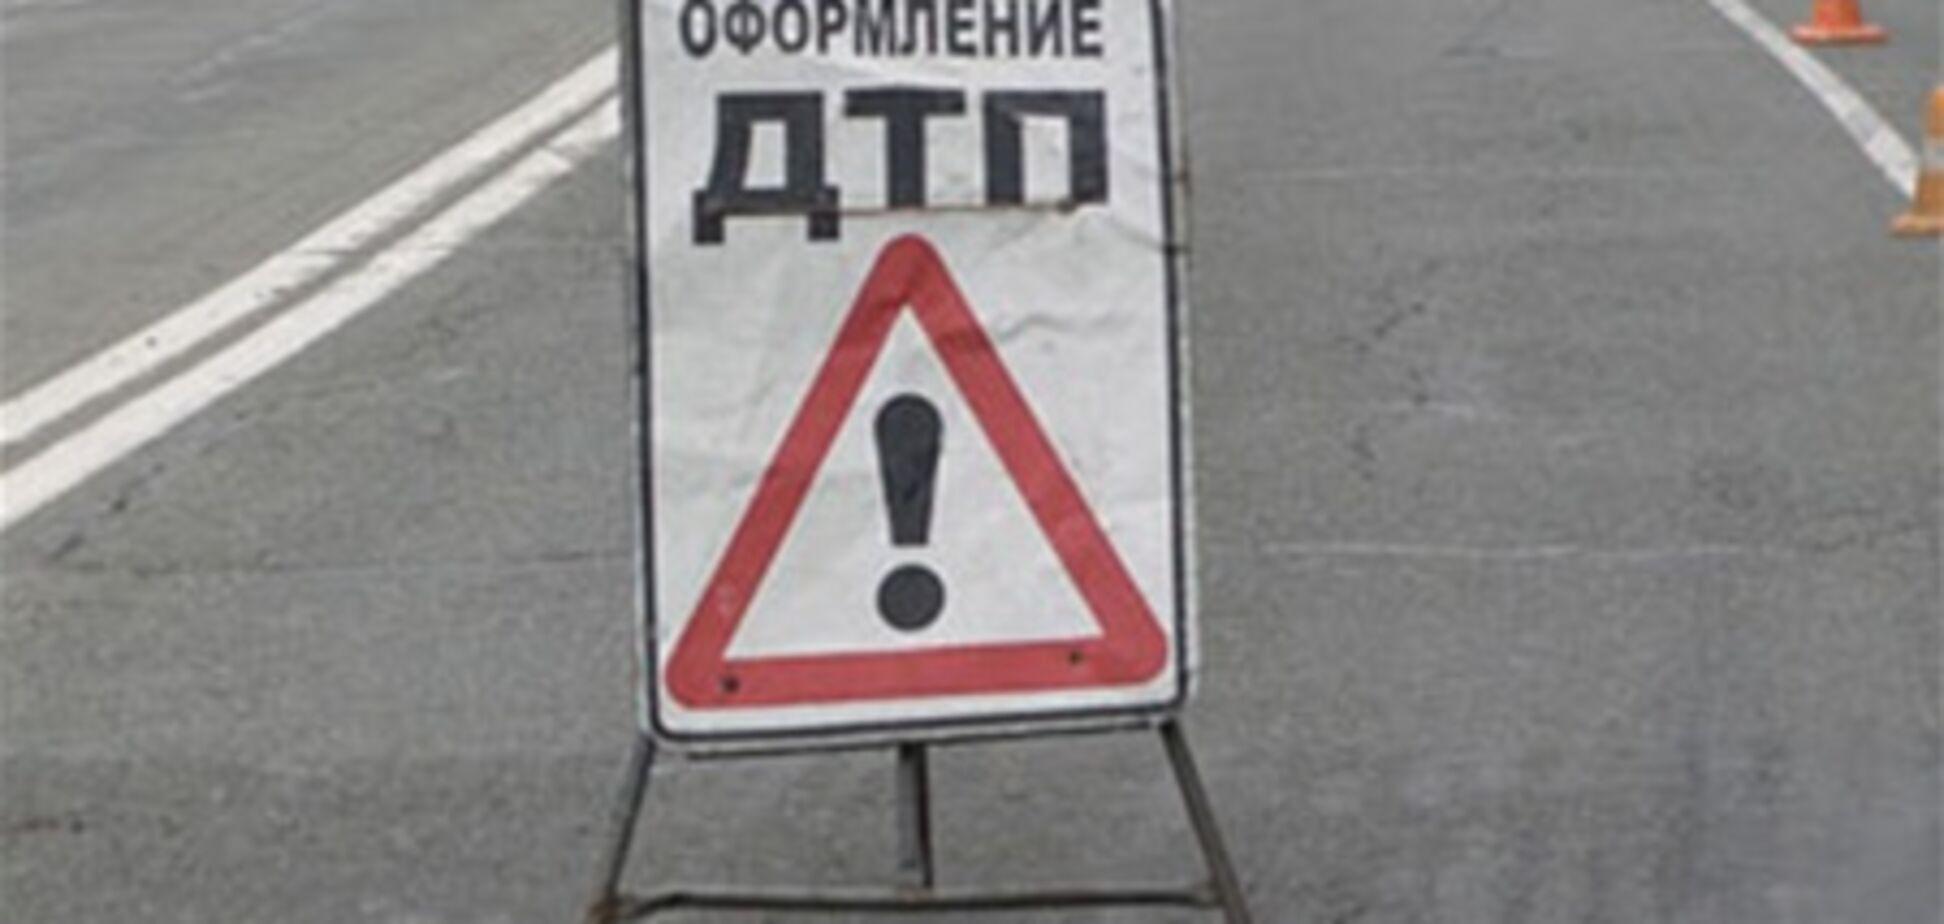 В Донецкой области столкнулись легковушка и грузовик: погибли 3 человека